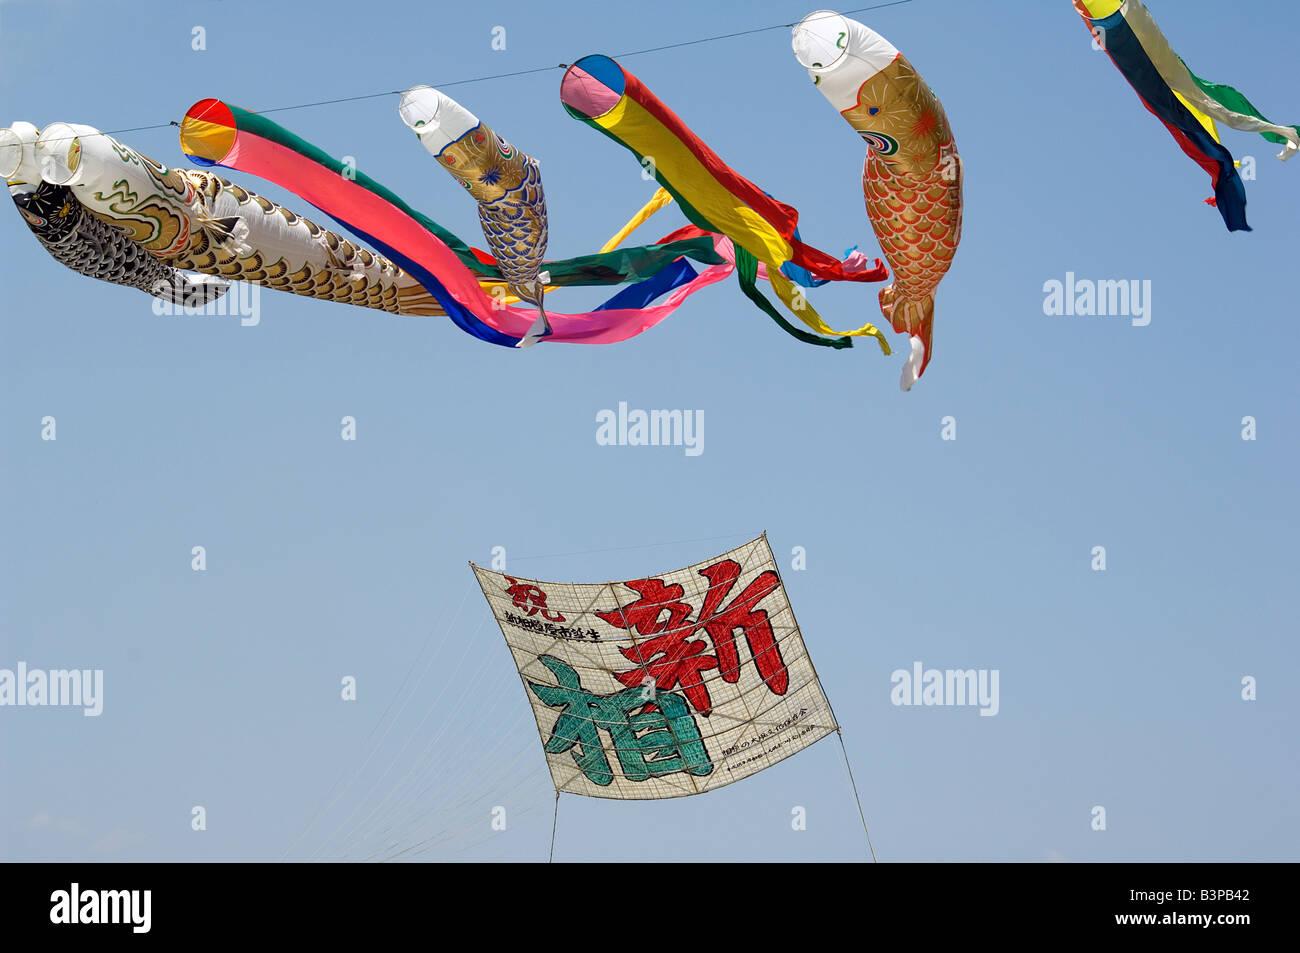 Japan, Kanagawa prefecture , Sagamihara near Tokyo Otako age giant kite flying festival koi nobori carp kites - Stock Image